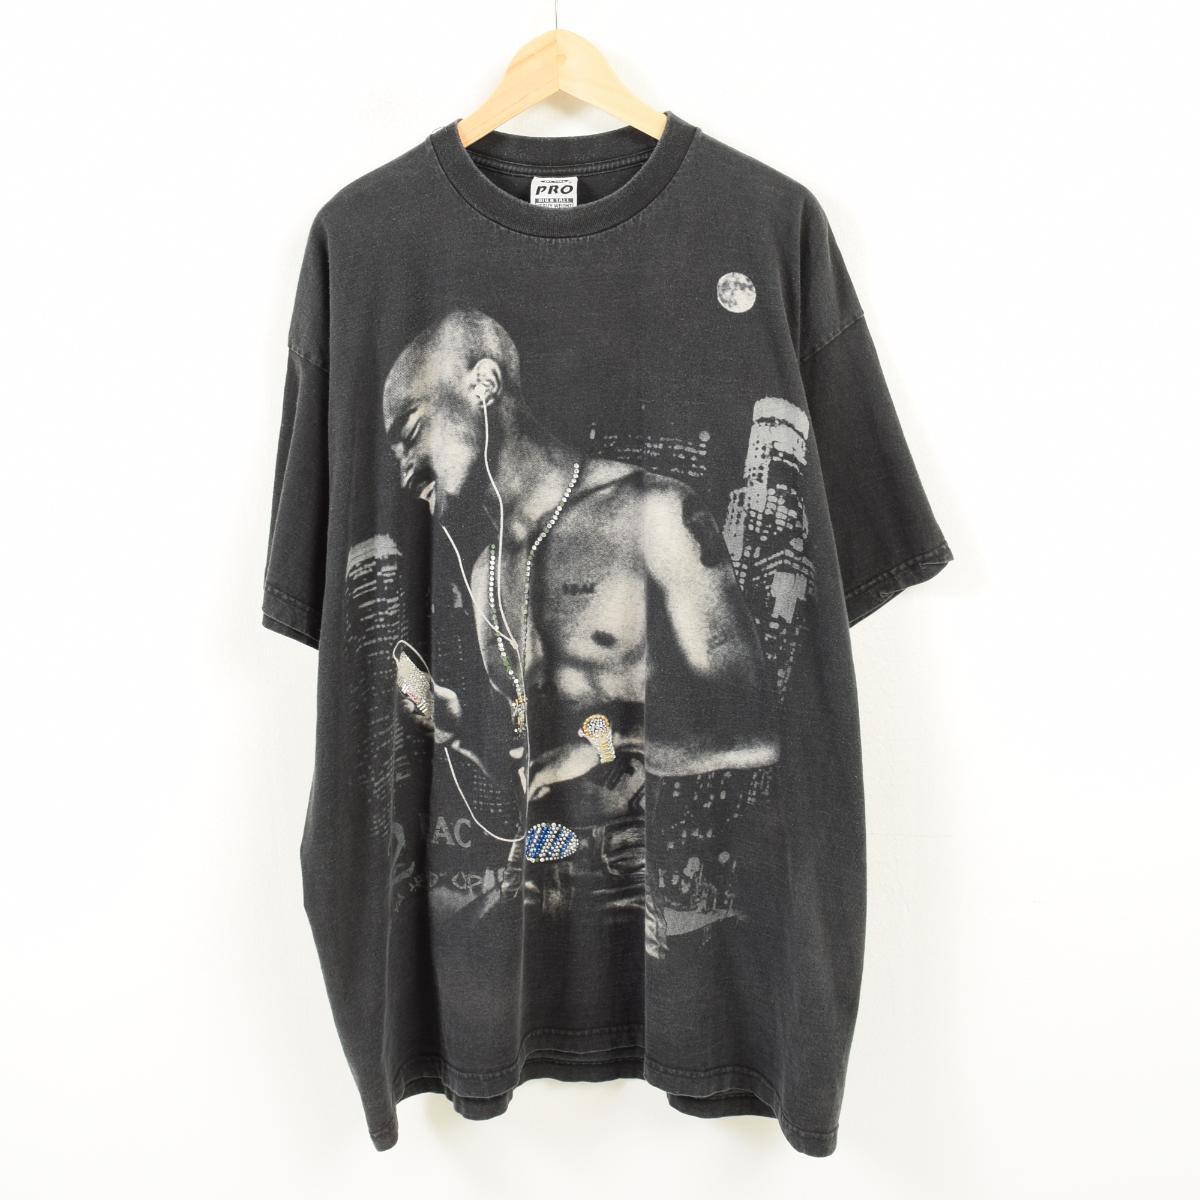 ビッグサイズ PRO X 2pac トゥーパック バンドTシャツ USA製 メンズXXXL /waq2698 【中古】 【180501】